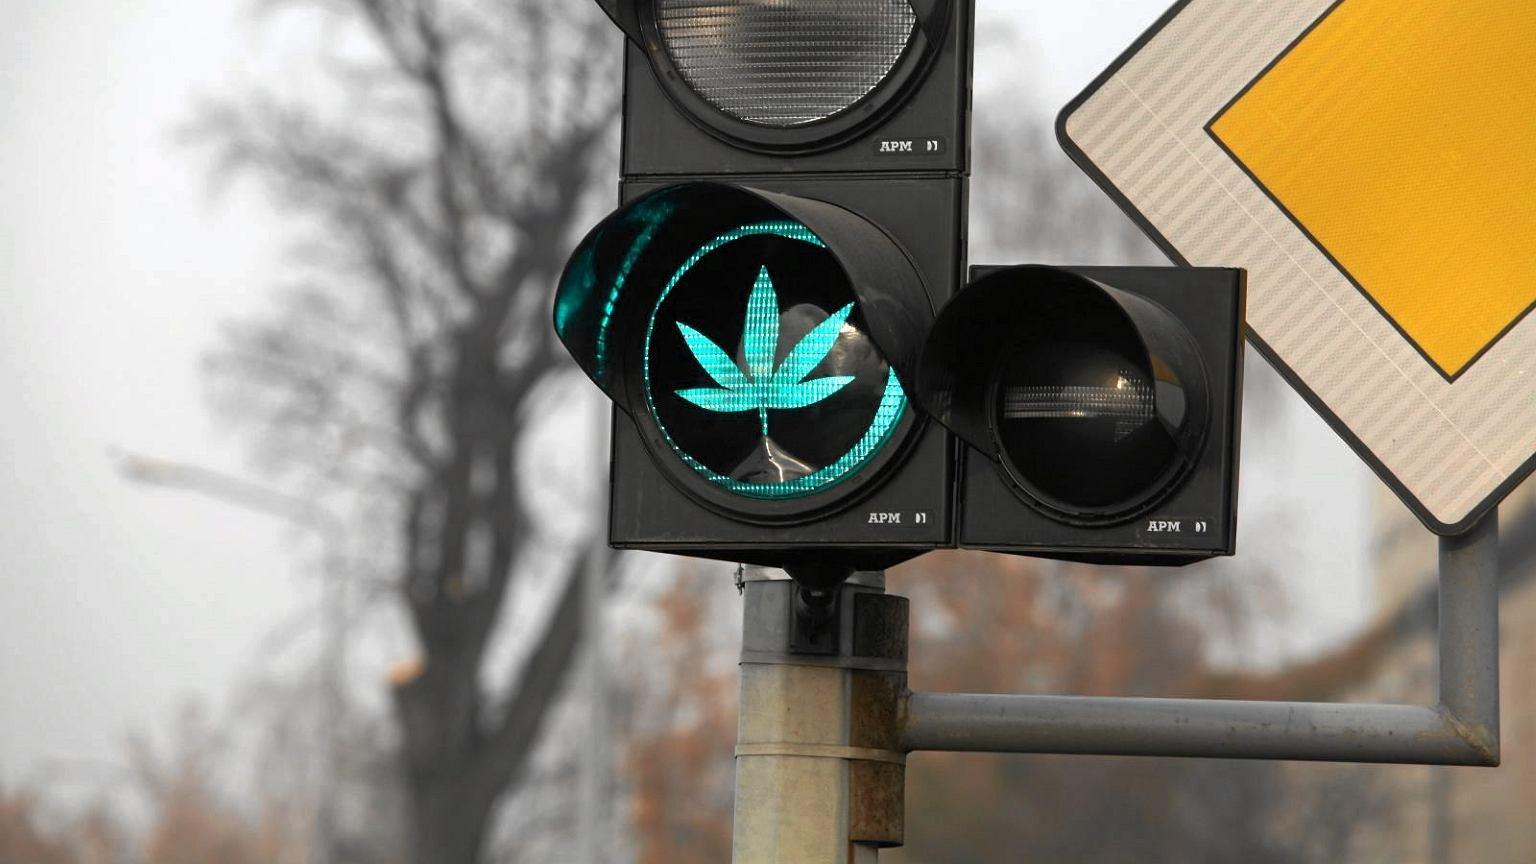 Lekarze nie chcą wypisywać recept na medyczną marihuanę